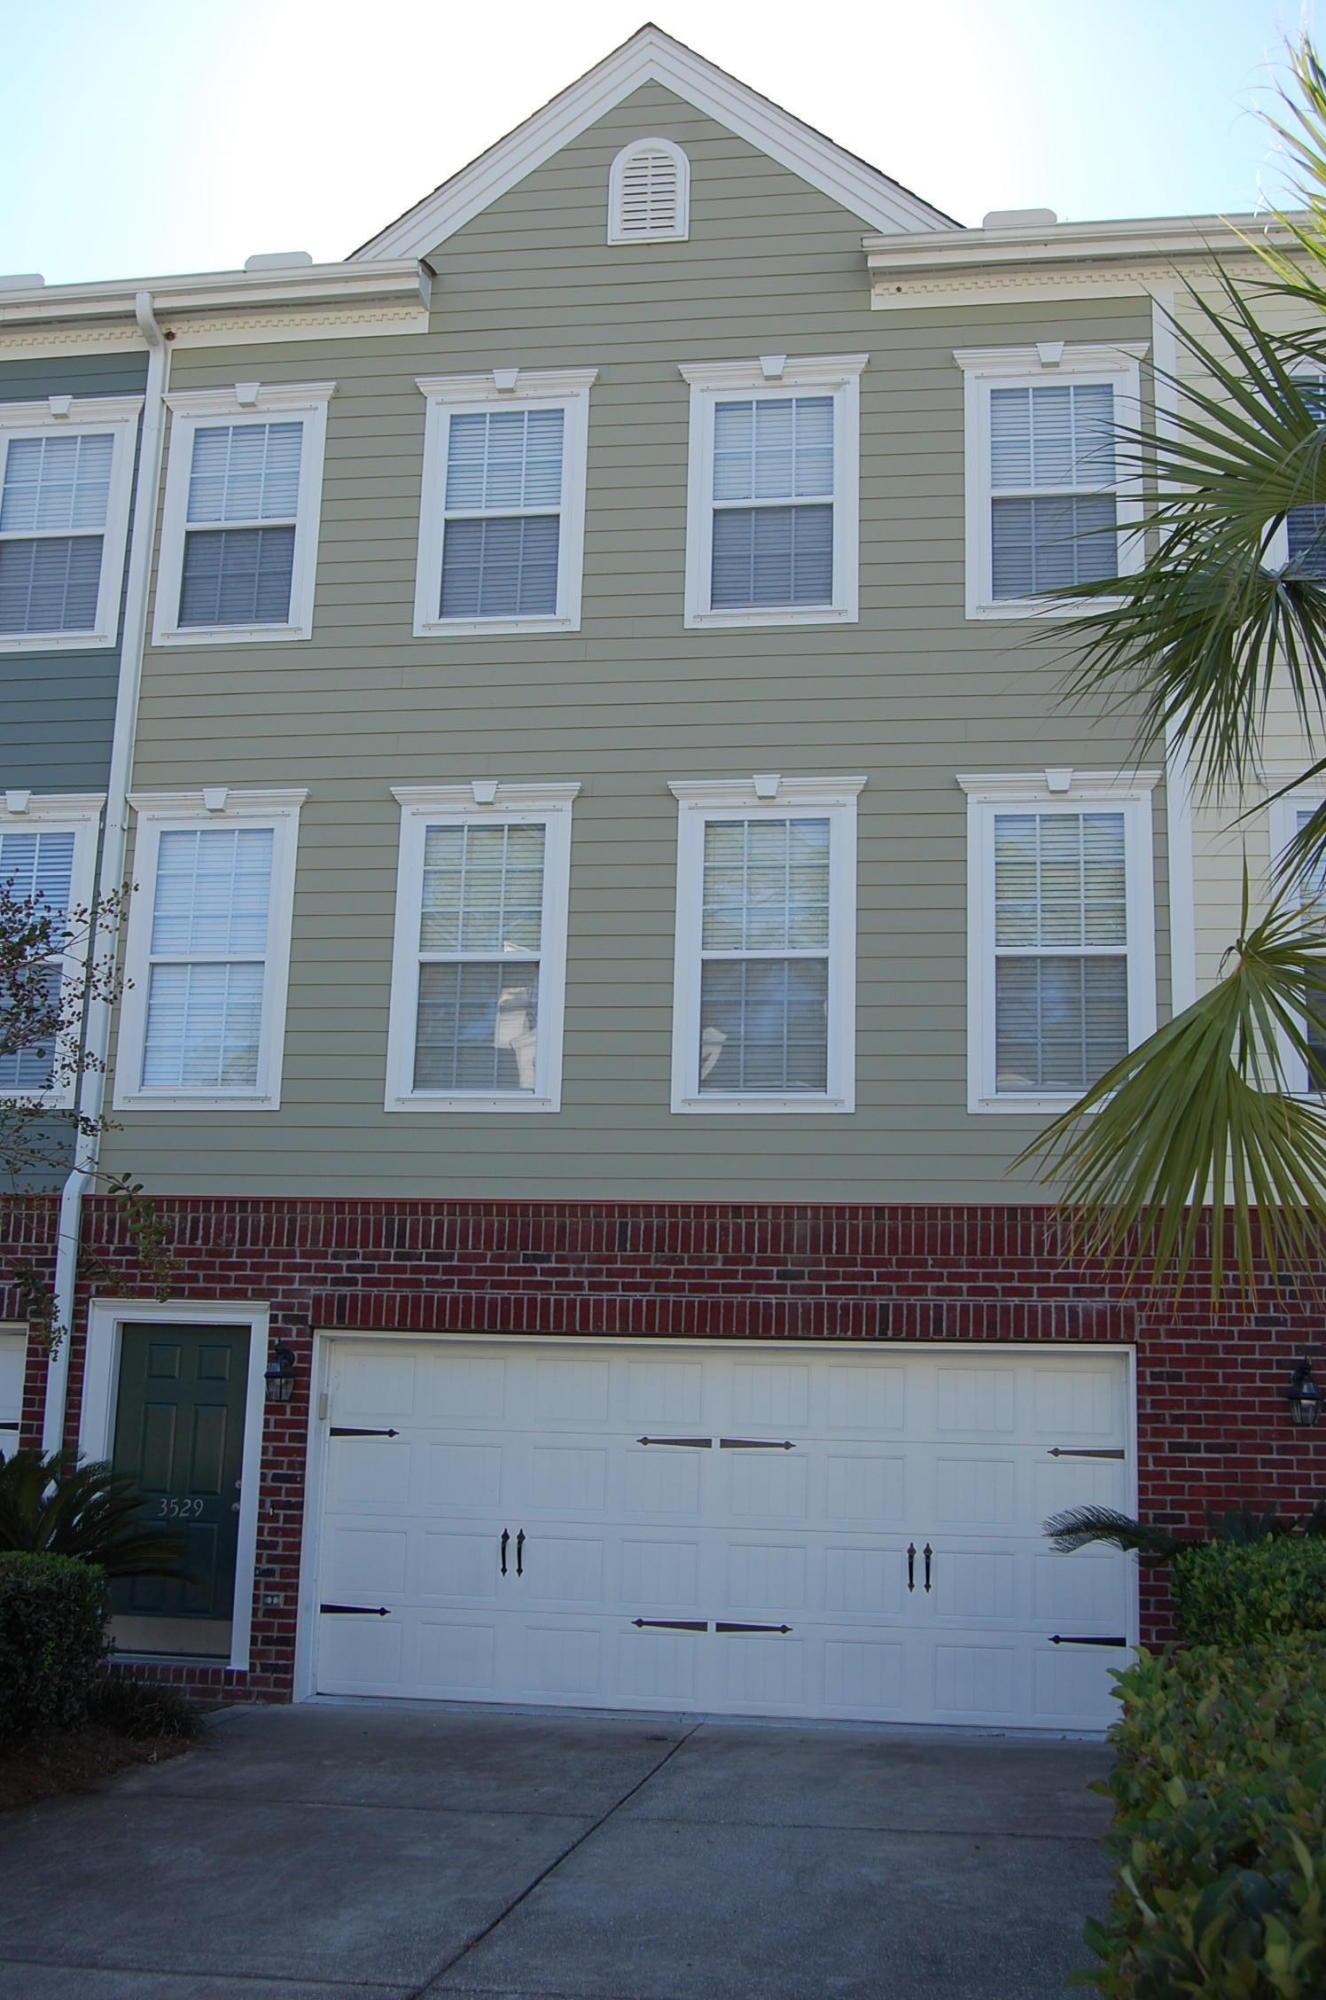 Park West Homes For Sale - 3529 Claremont, Mount Pleasant, SC - 0